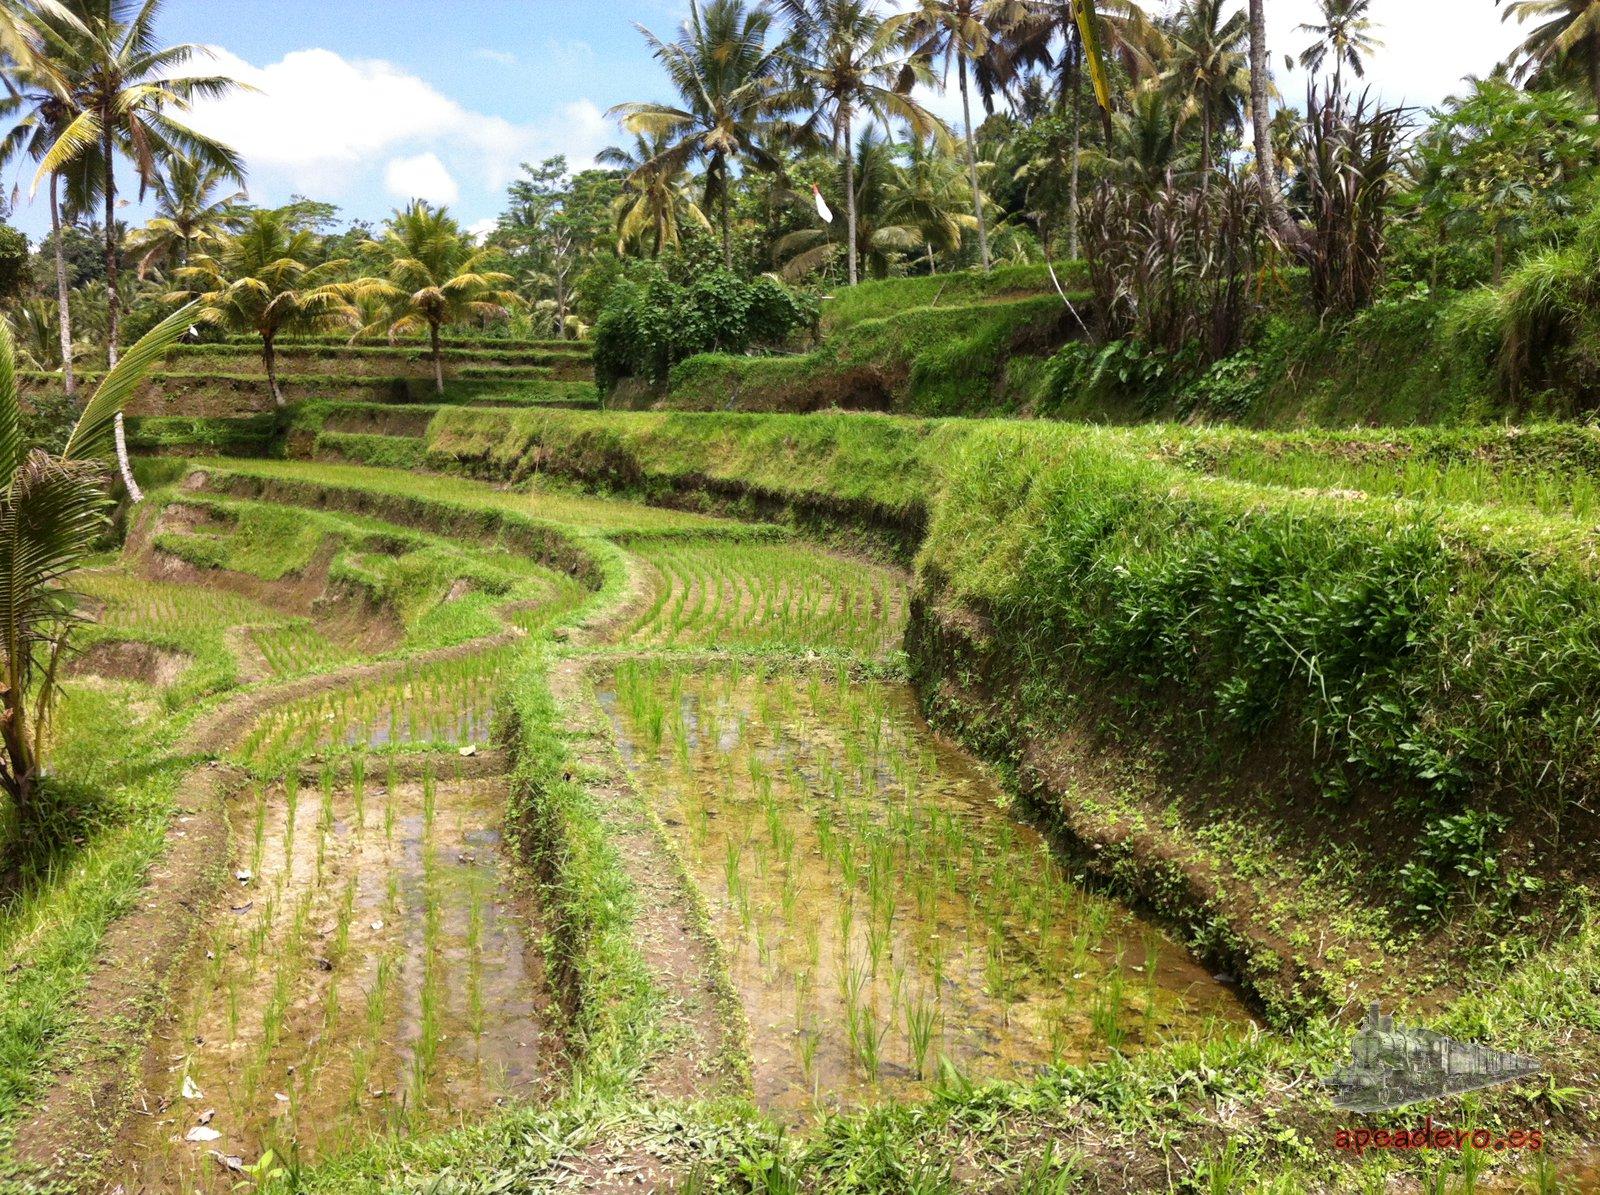 Los paisajes de Bali son muy diferentes a los de Lombok y Gili.